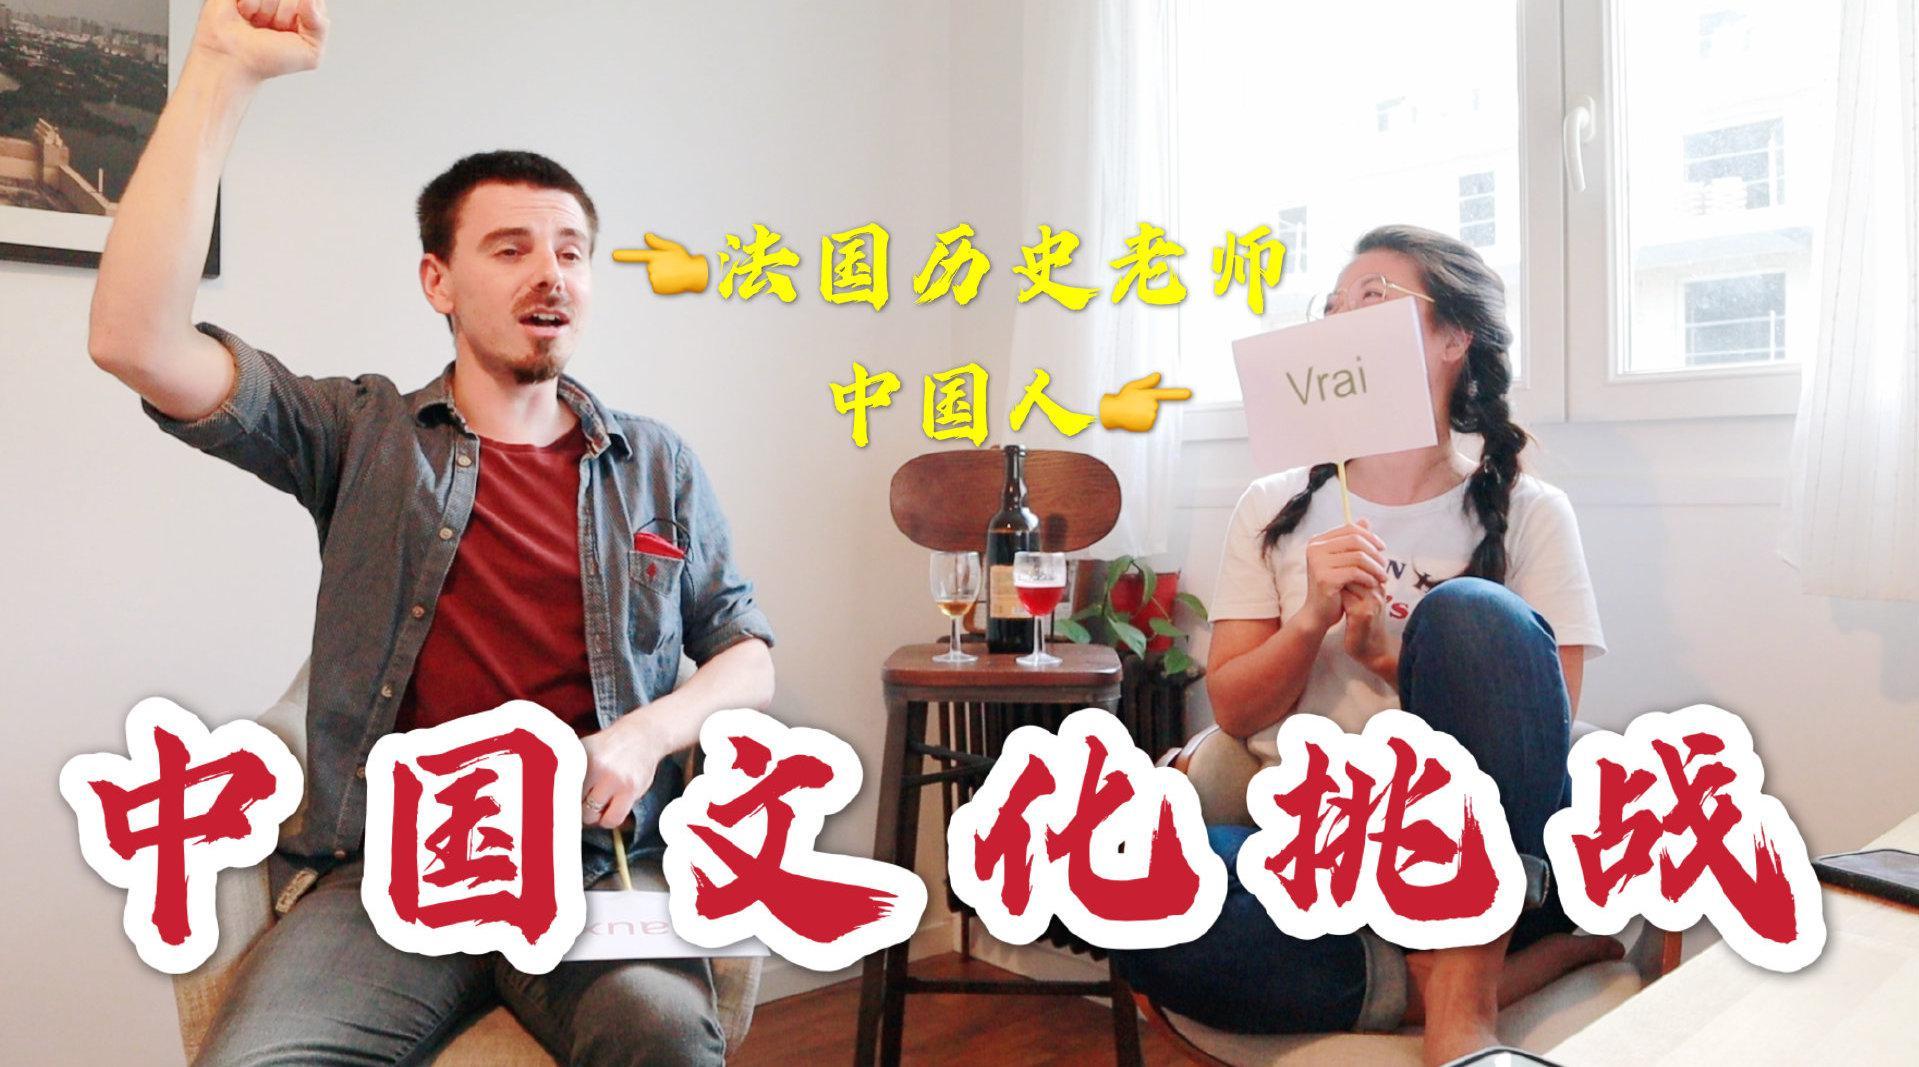 中国文化挑战:我,一个中国人,竟然输给了一个法国历史老师?